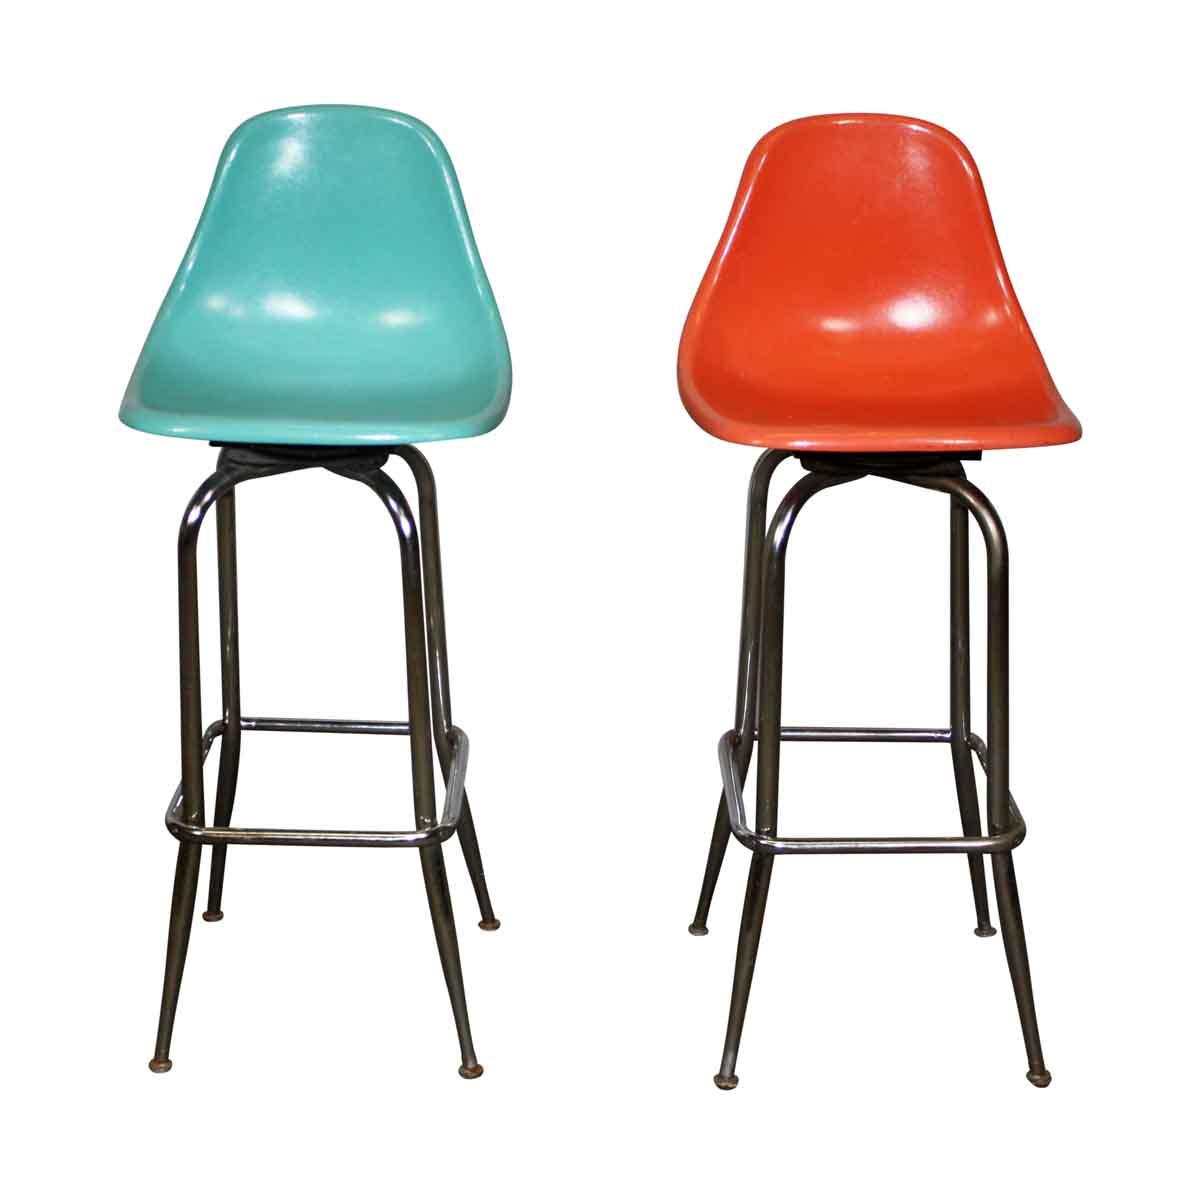 Giratory Orange High Chairs